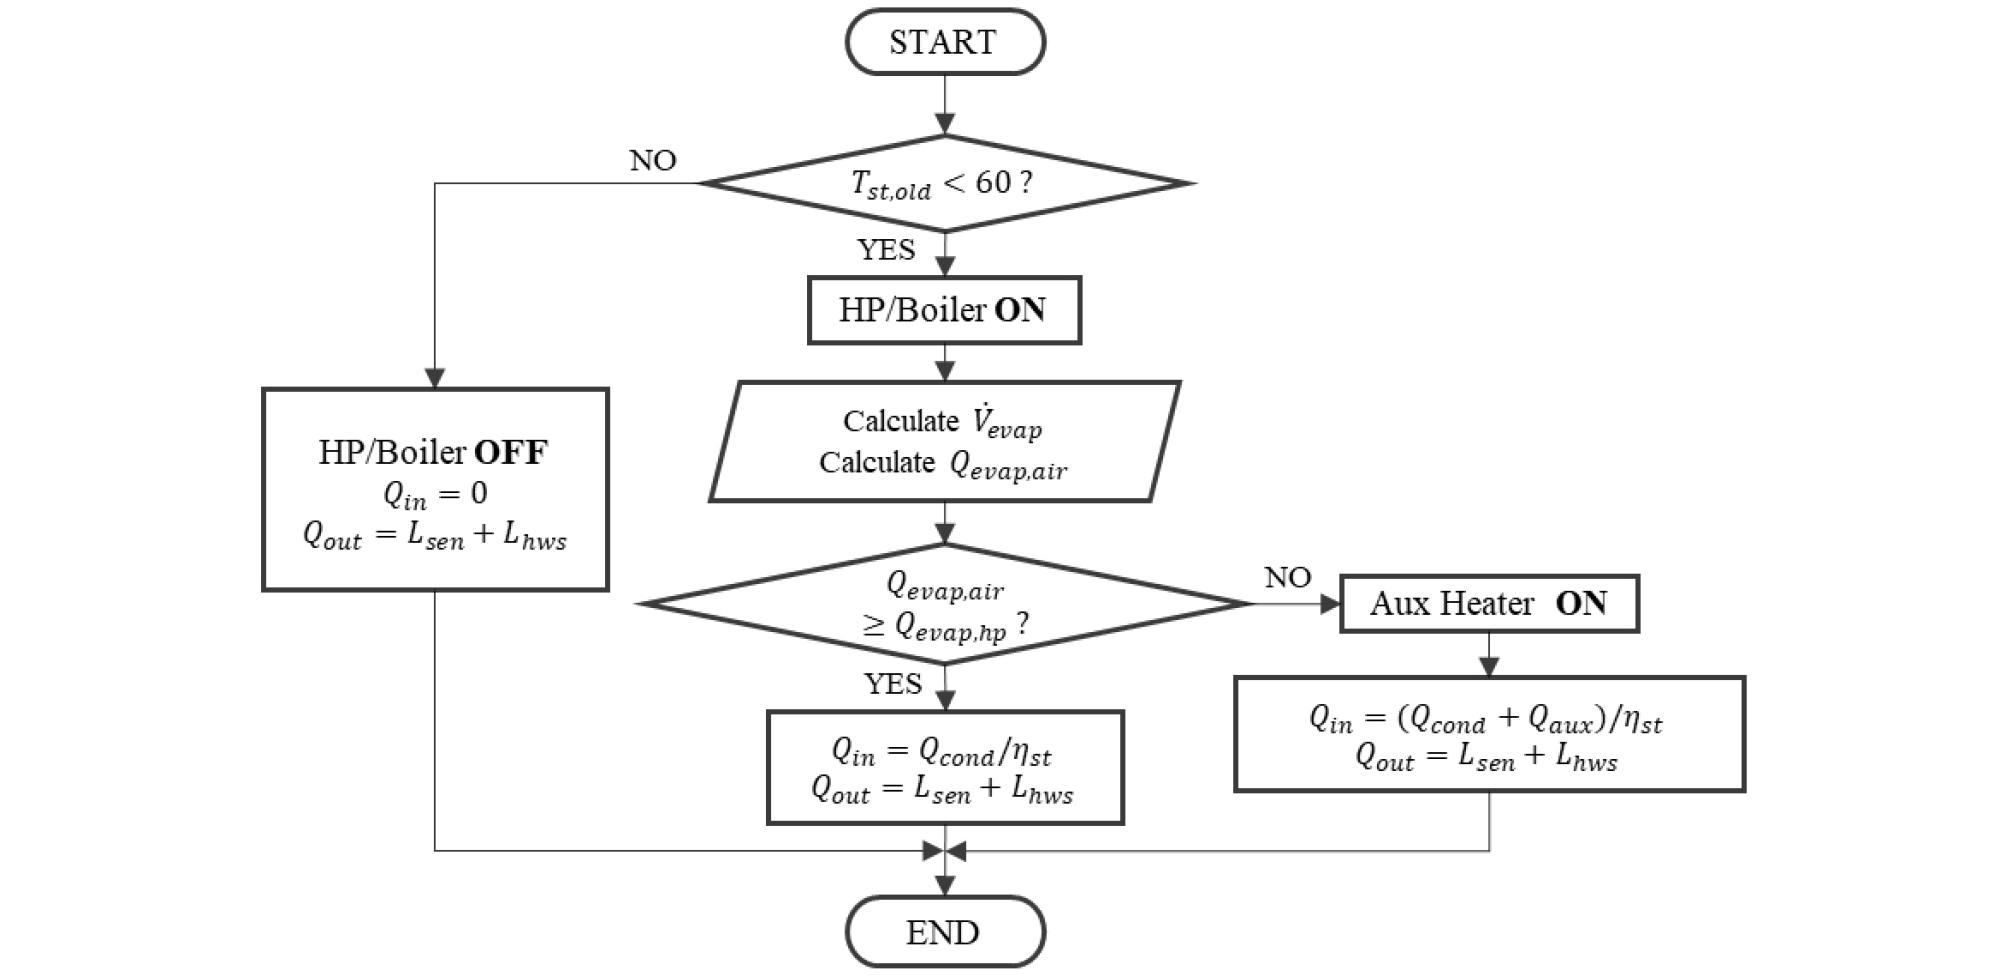 http://static.apub.kr/journalsite/sites/kiaebs/2020-014-05/N0280140513/images/Figure_KIAEBS_14_5_13_F3.jpg